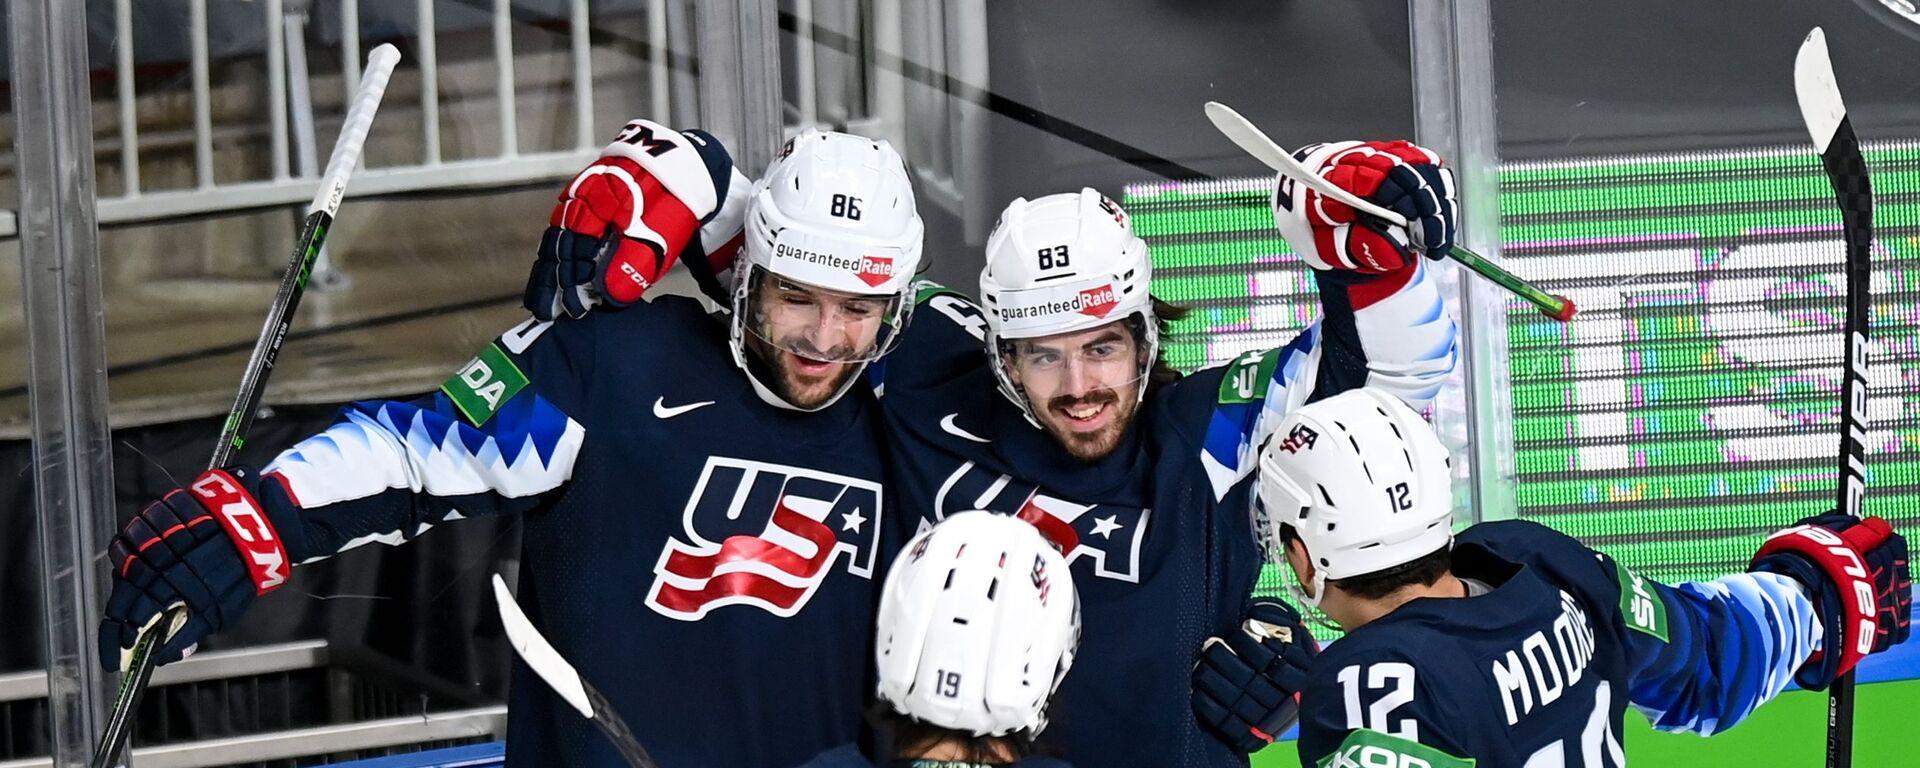 Tým USA vyhrál na hokejovém mistrovství bronzovou medaili    - Sputnik Česká republika, 1920, 06.06.2021